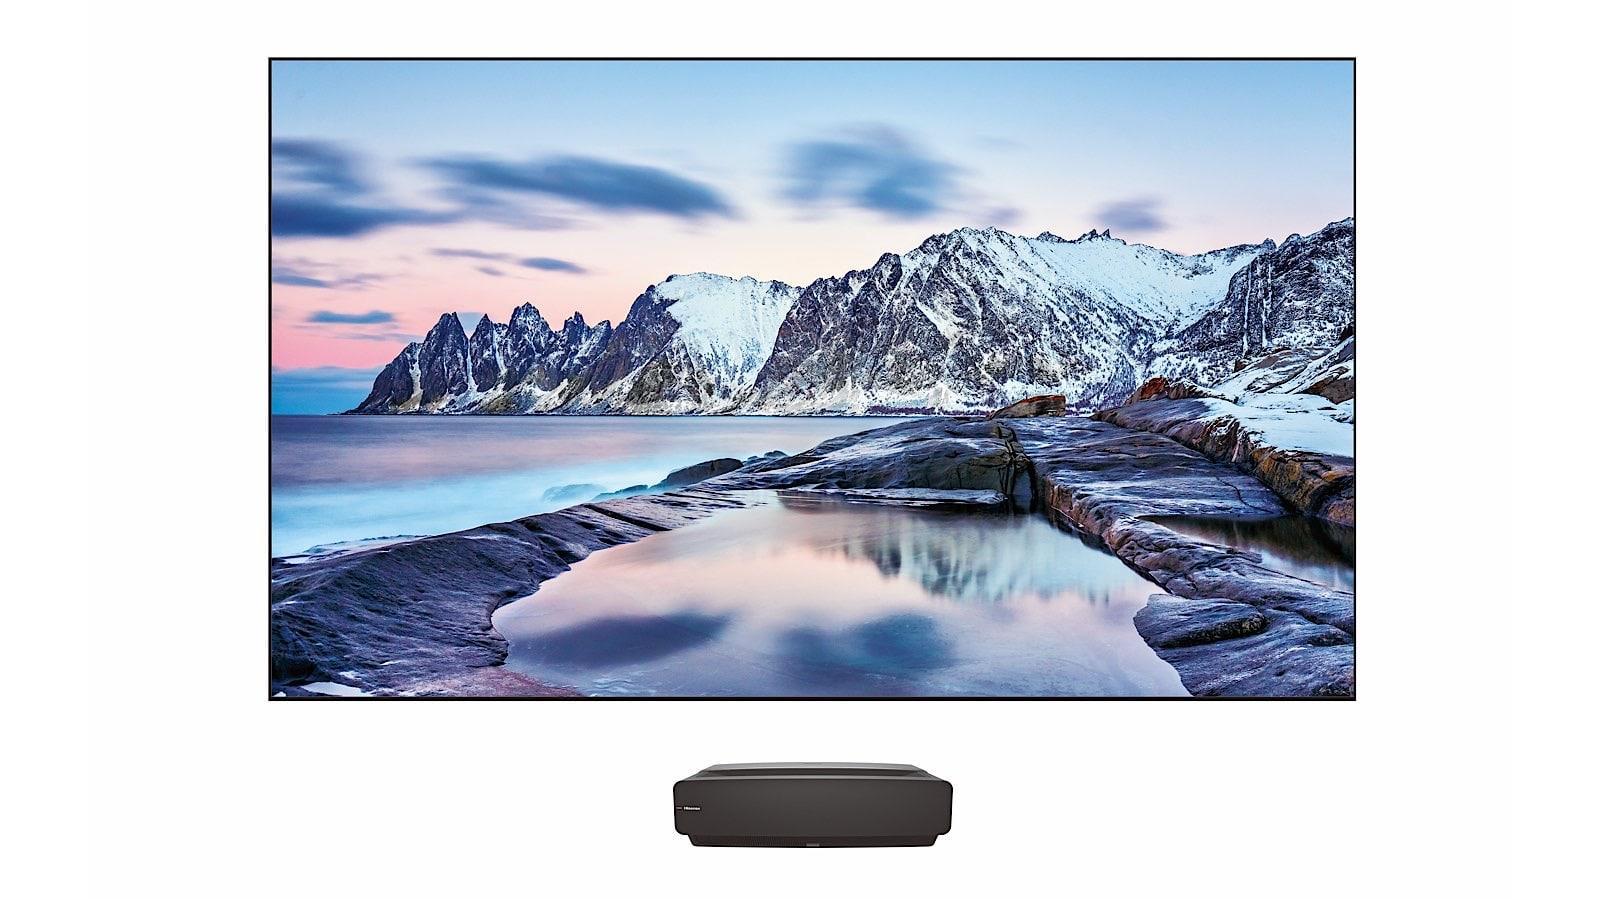 Hisense 100L5F 4K Laser TV